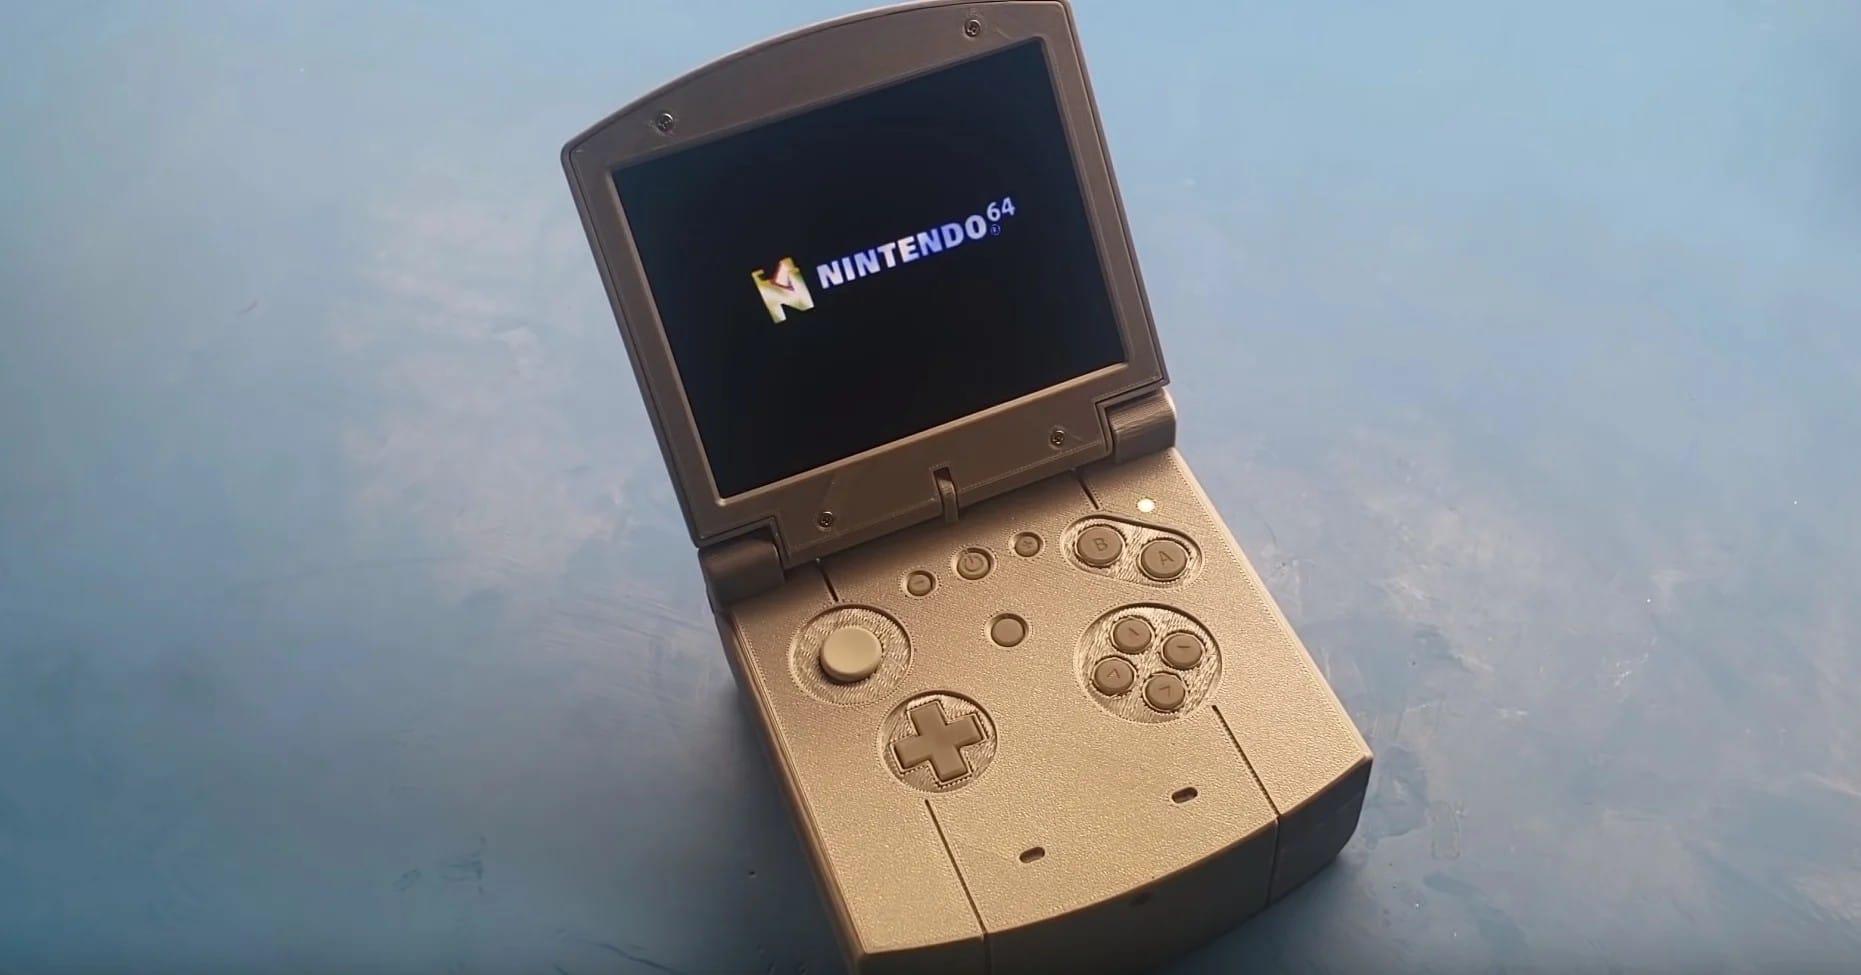 Hübsch ist das N64 SP auch. (Foto: GmanModz)